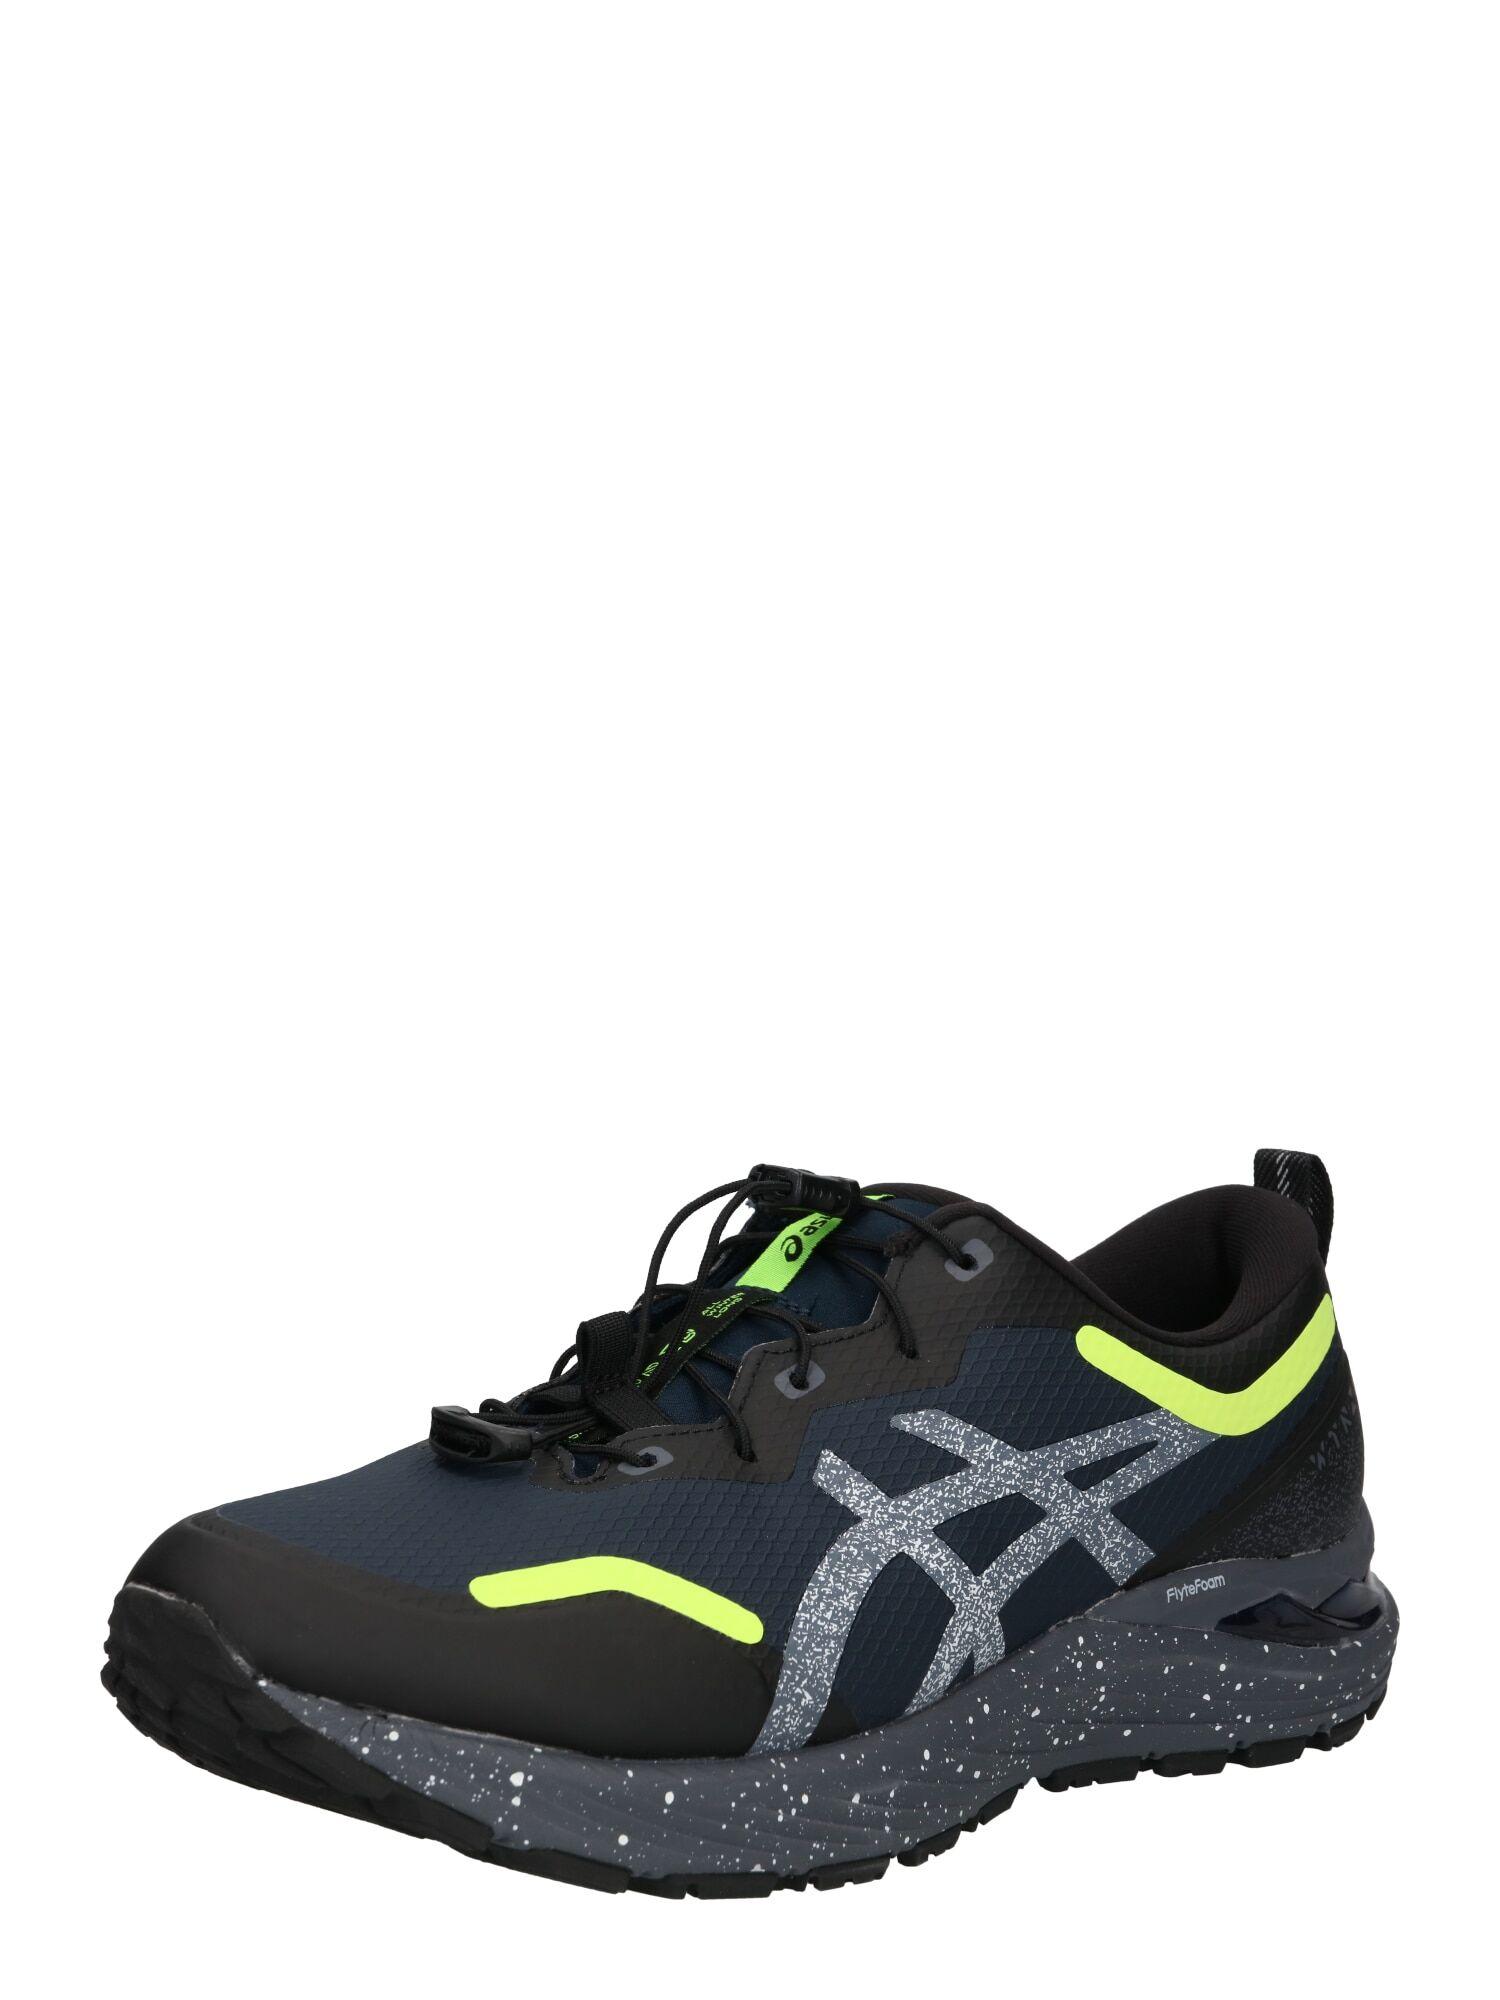 Asics Chaussure de course  - Noir - Taille: 44.5 - male